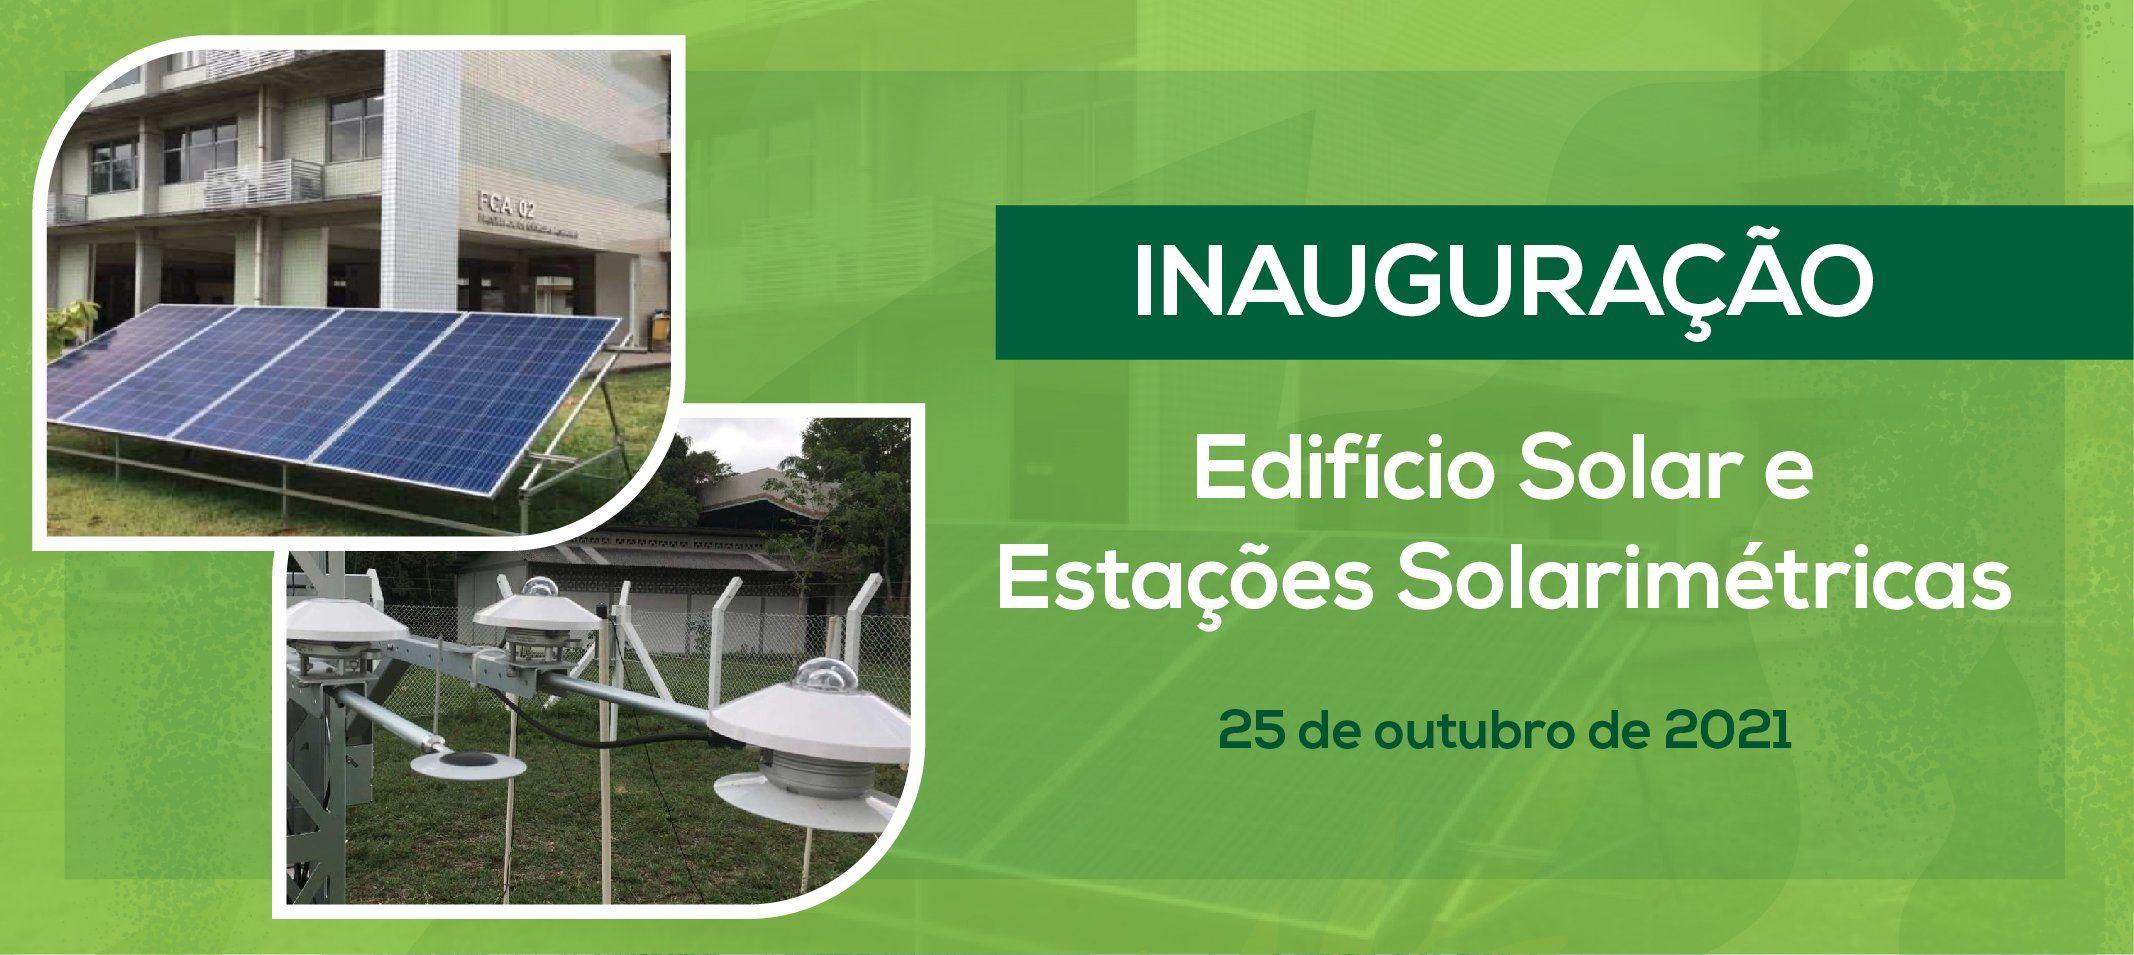 Ufam inaugura primeiro edifício solar no campus sede e sete estações solarimétricas no Amazonas no dia 25 de outubro